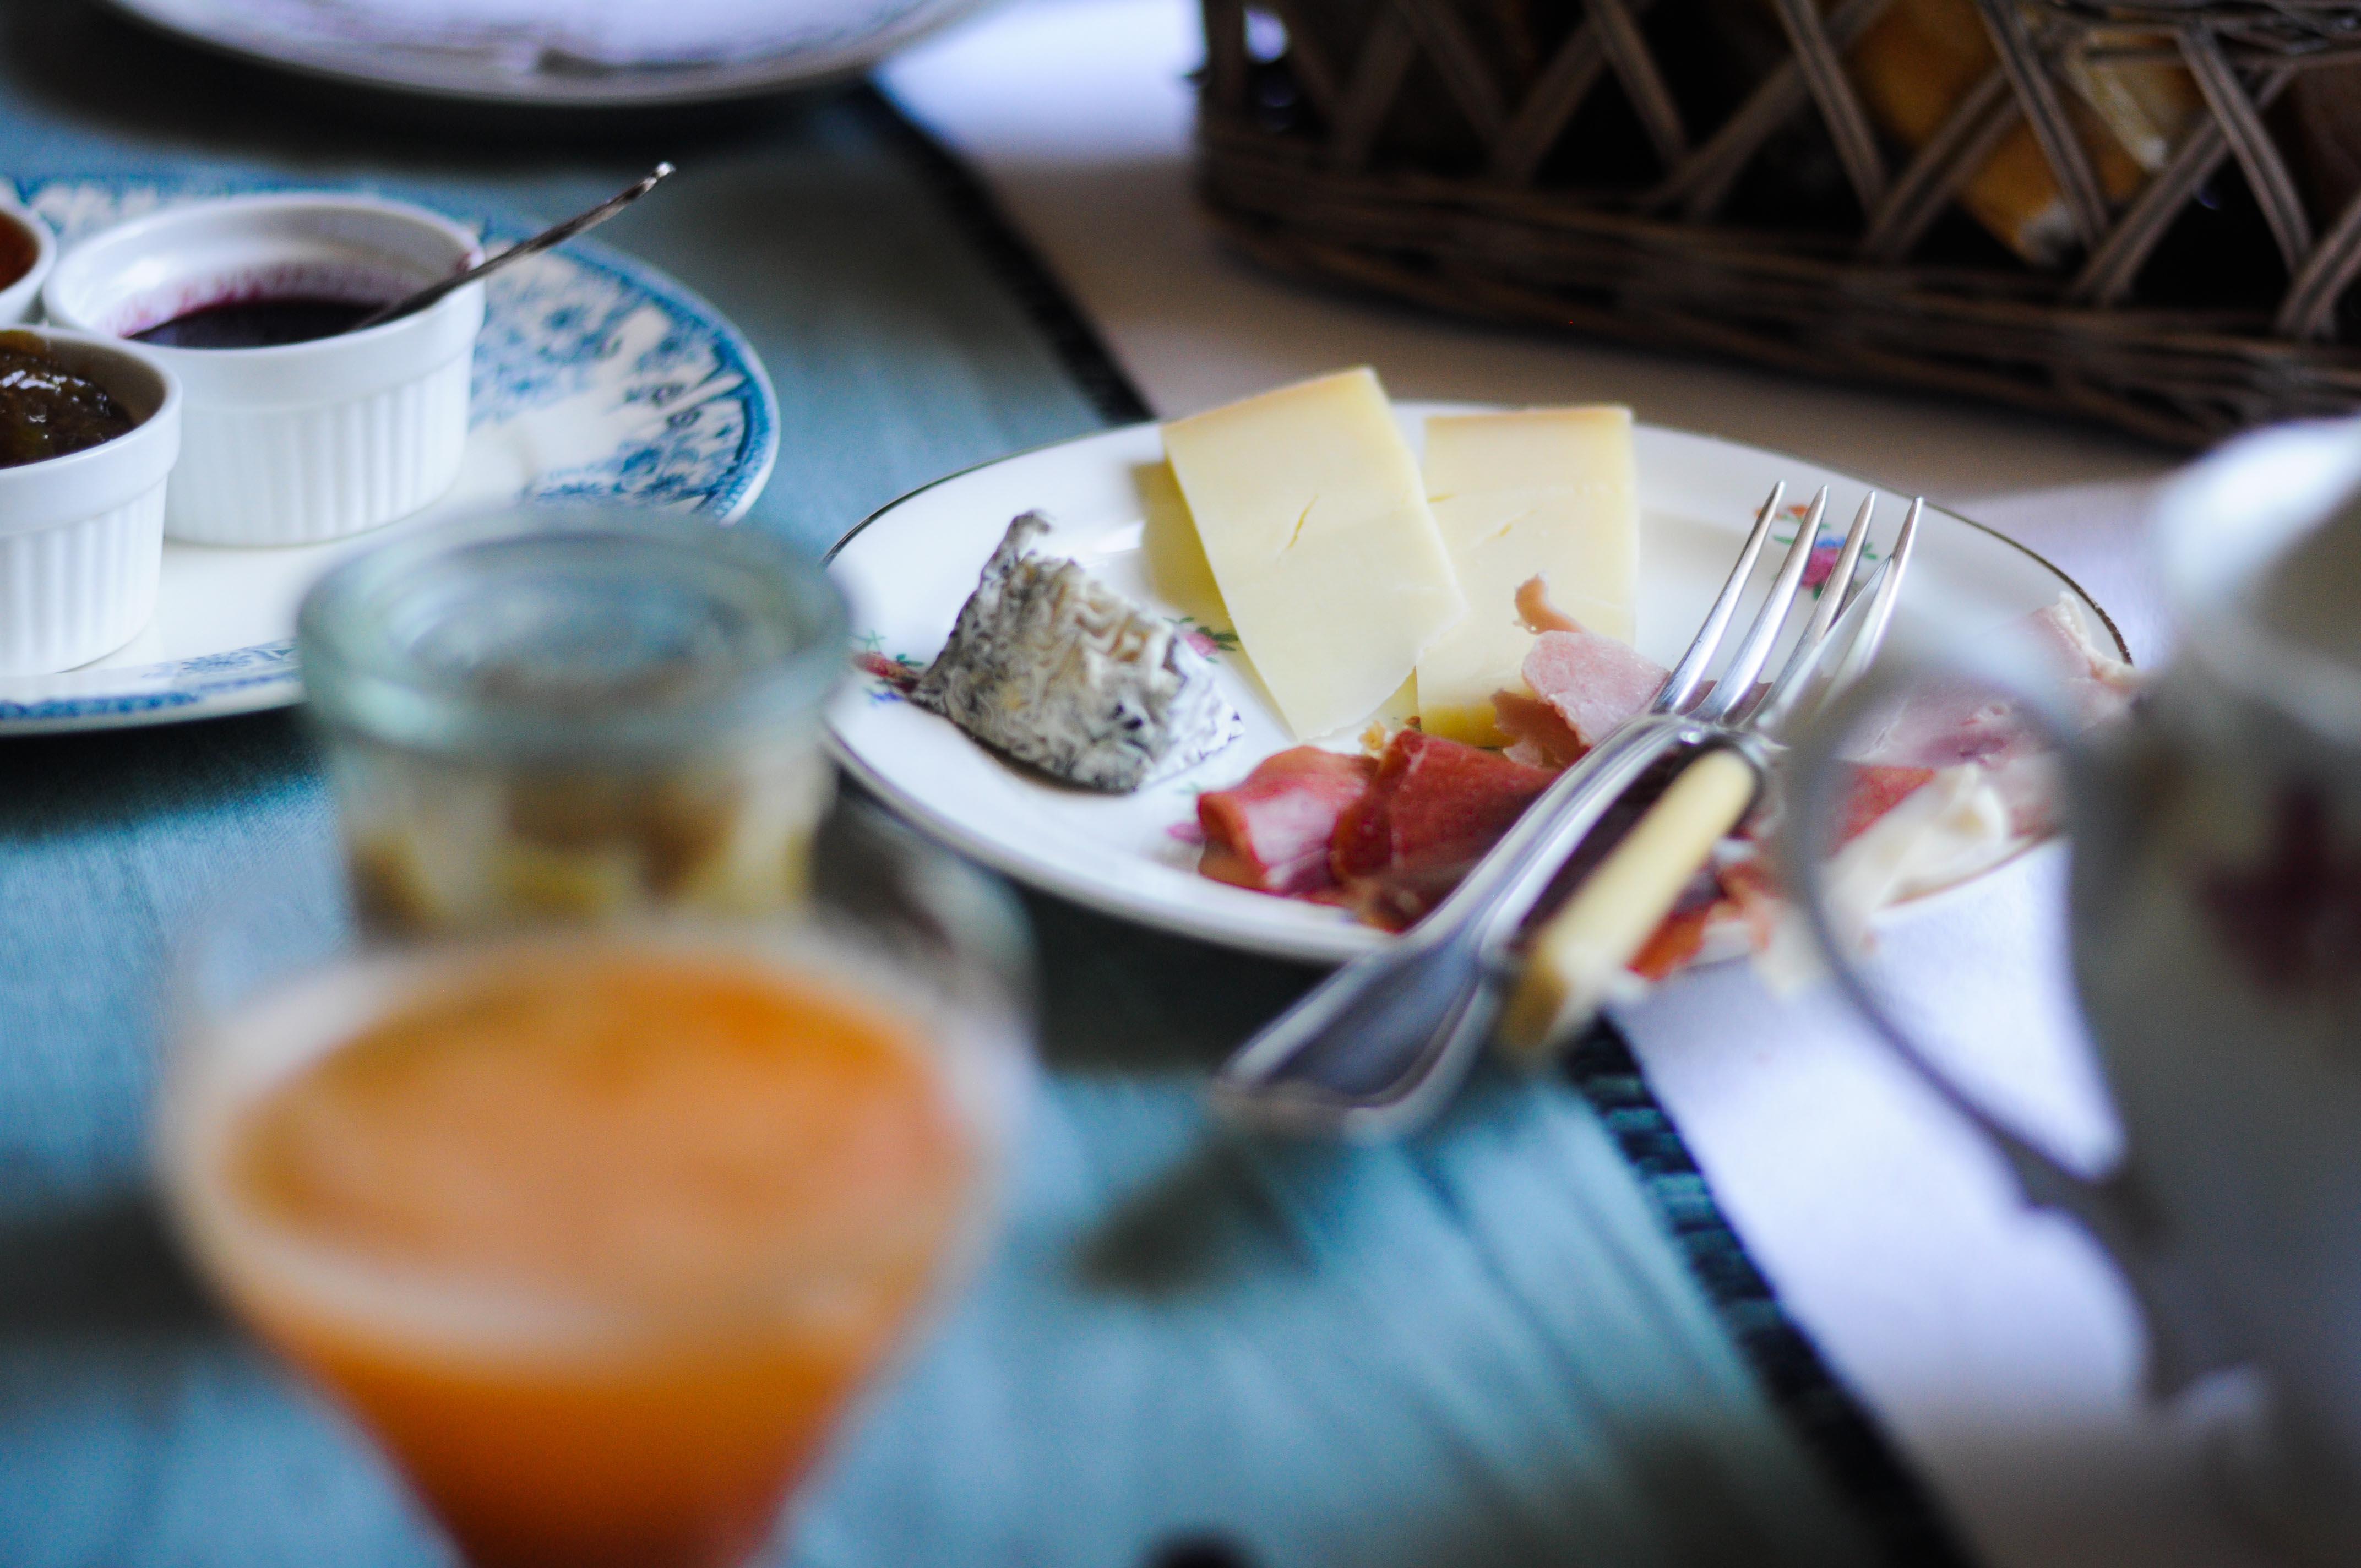 Petits déjeuners salés sucrés, temps gourmands